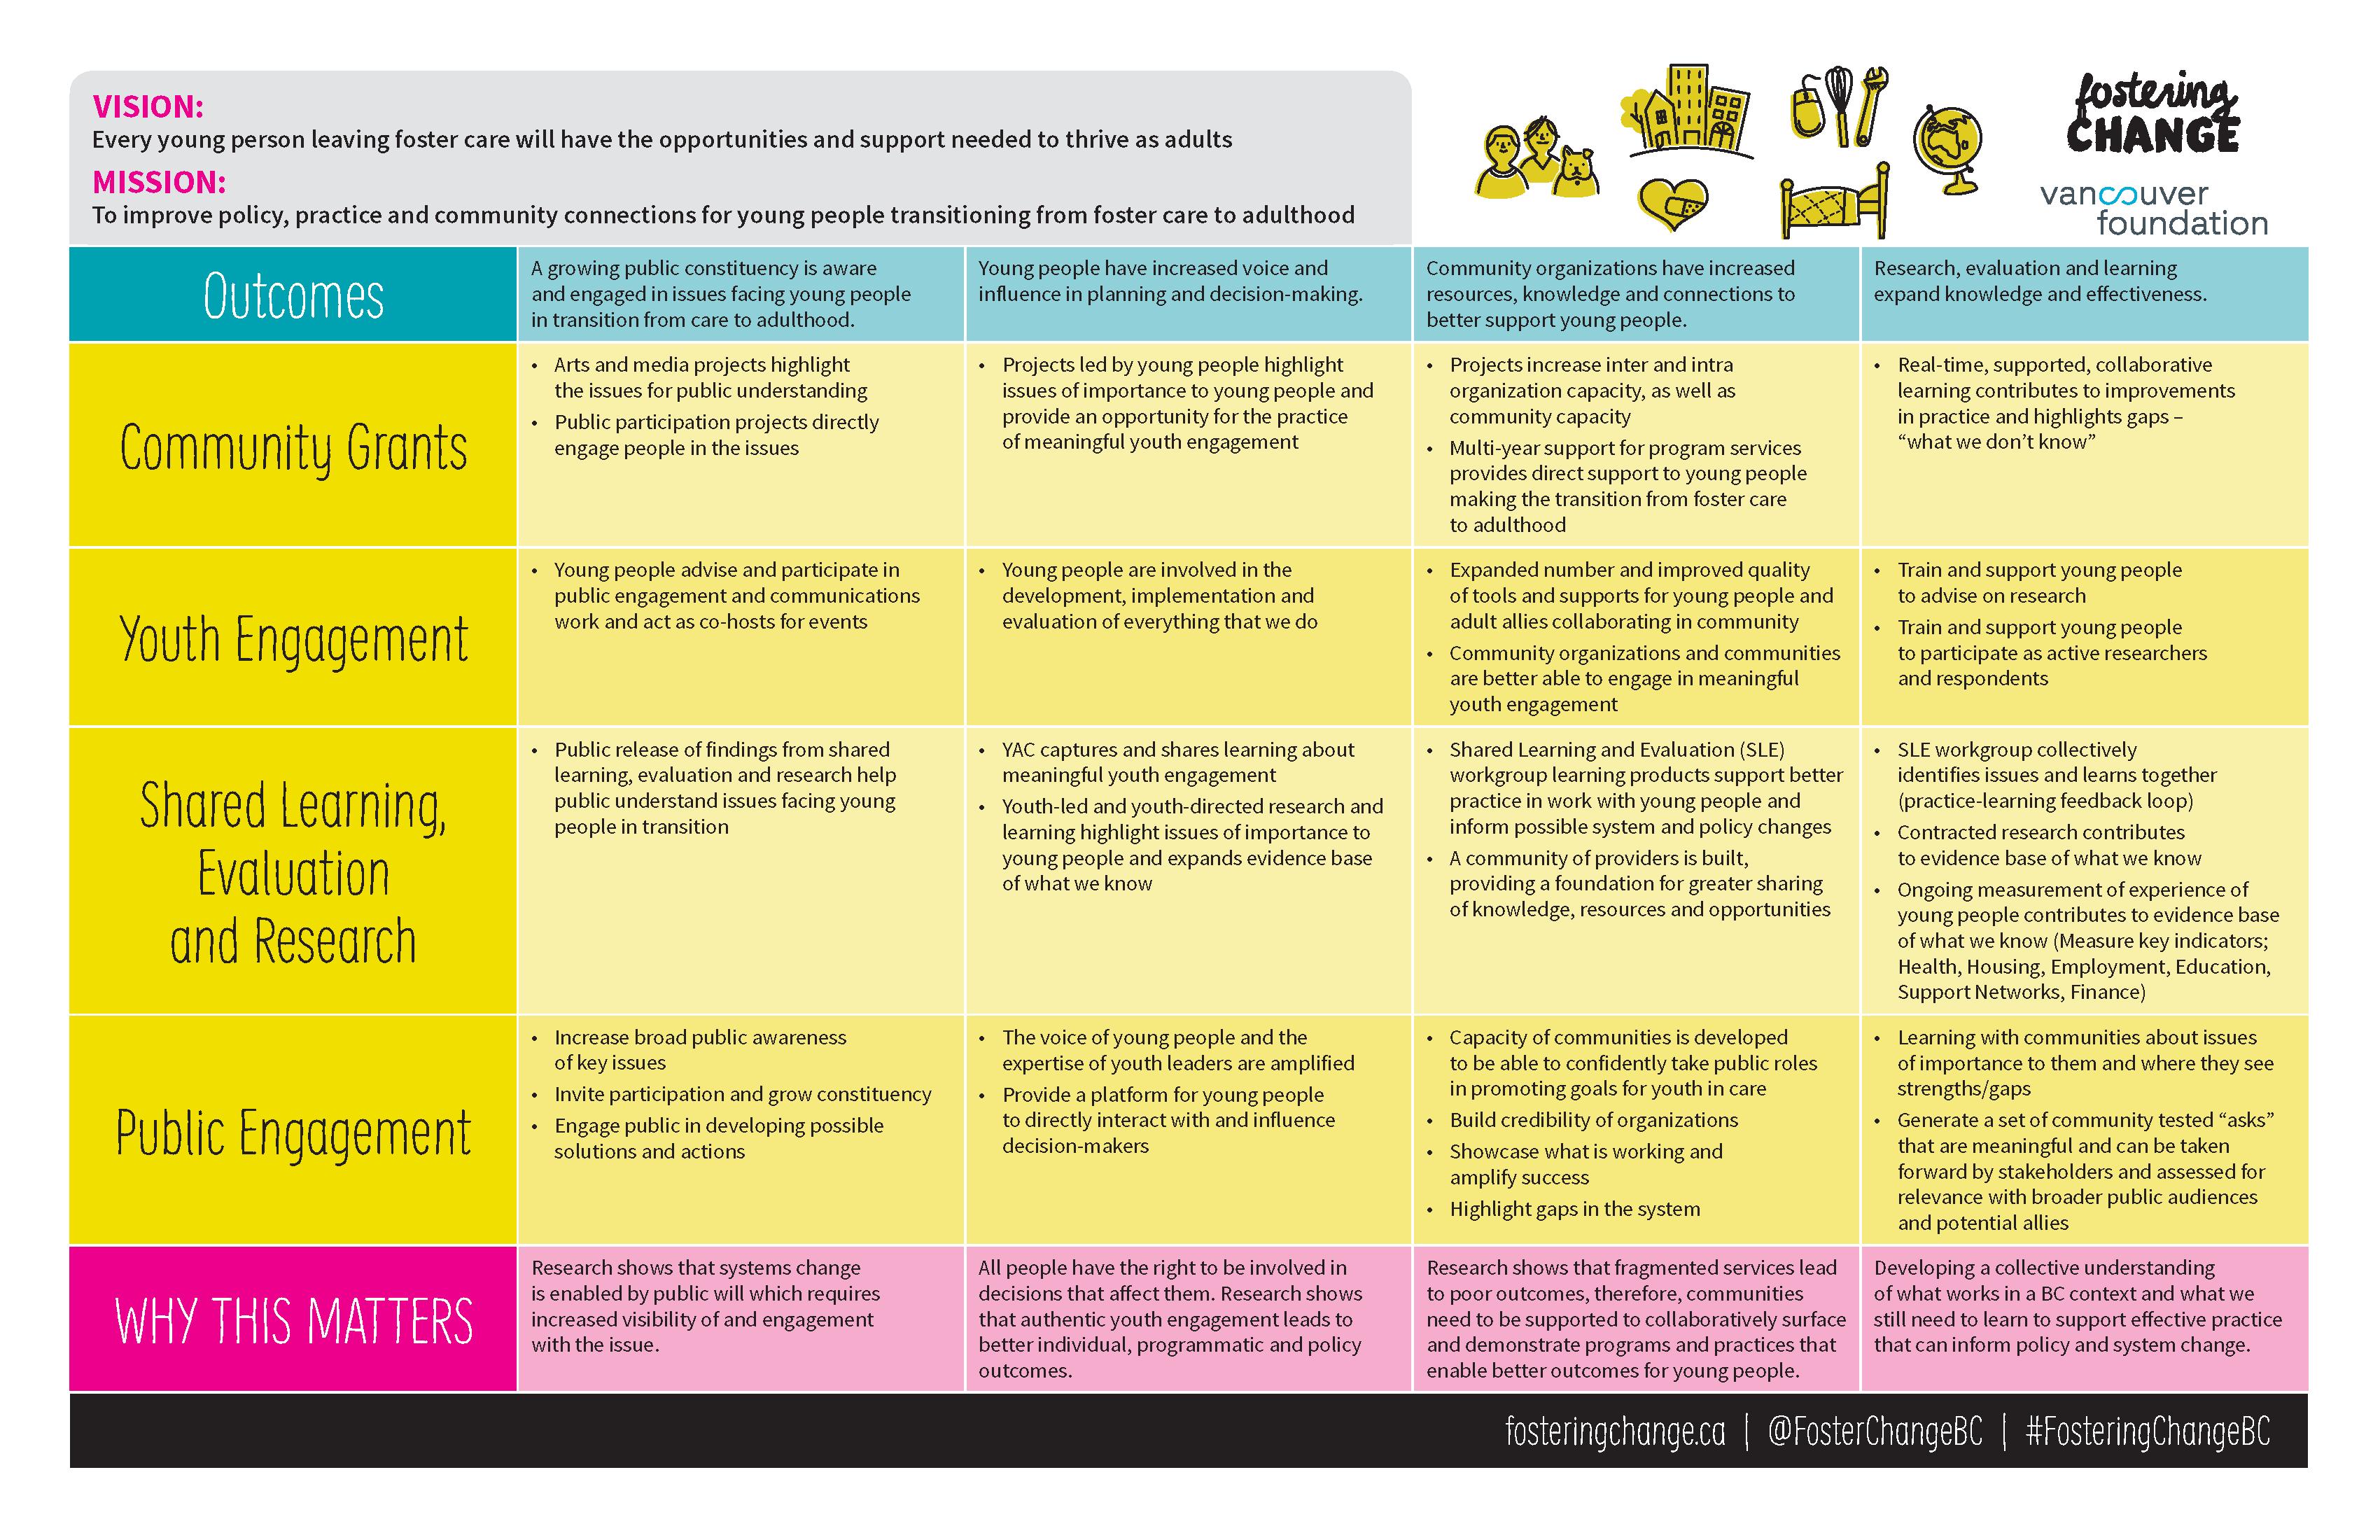 Fostering-Change-Framework-1.png